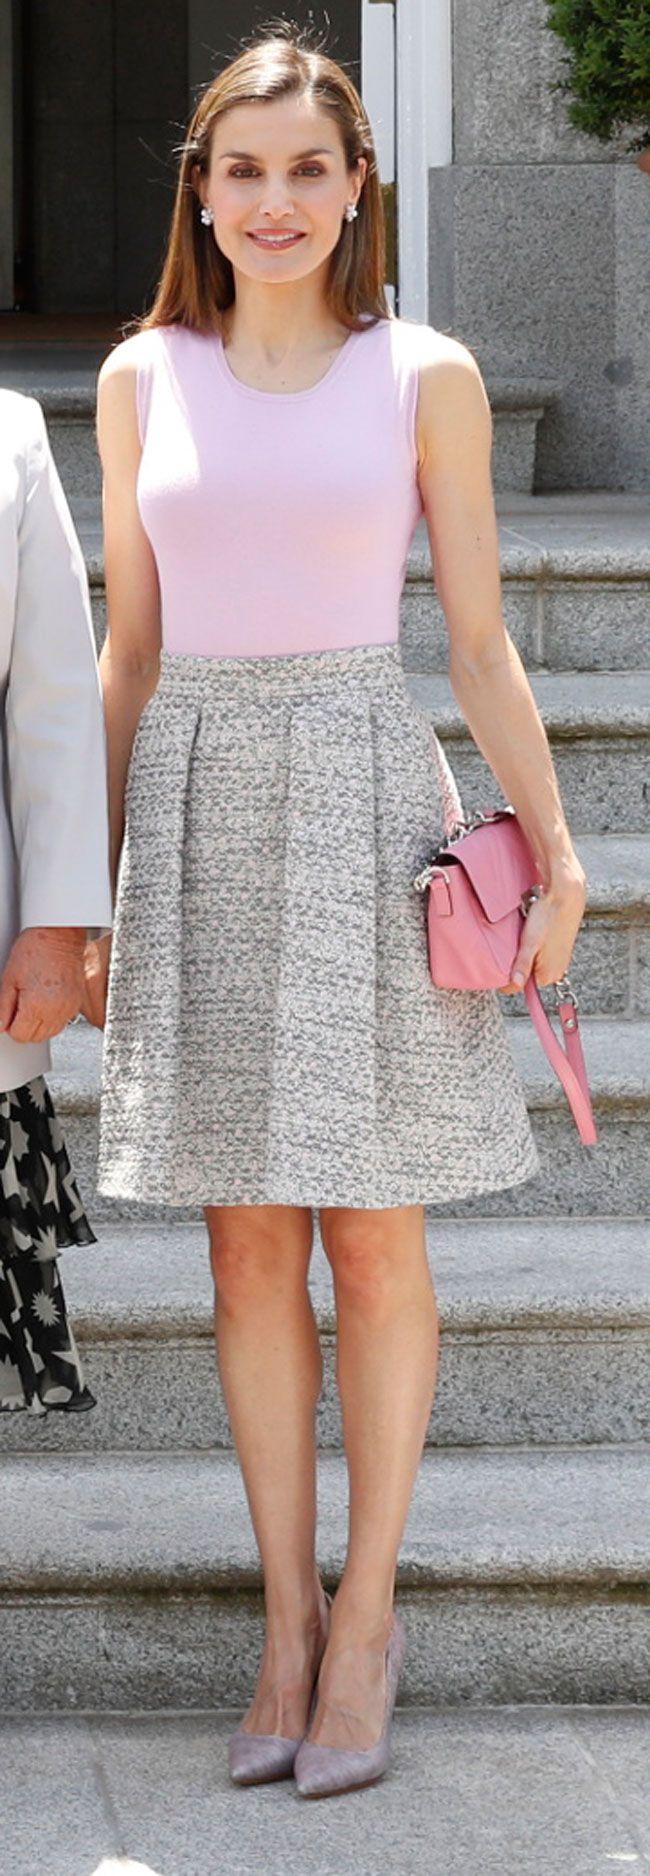 2 junio 2017 - La Reina Letizia de España, lució top y falda de Hugo Boss, zapatos de Magrit y bolso de Uterqüe. Además, se puso los pendientes de flores de Yanes.